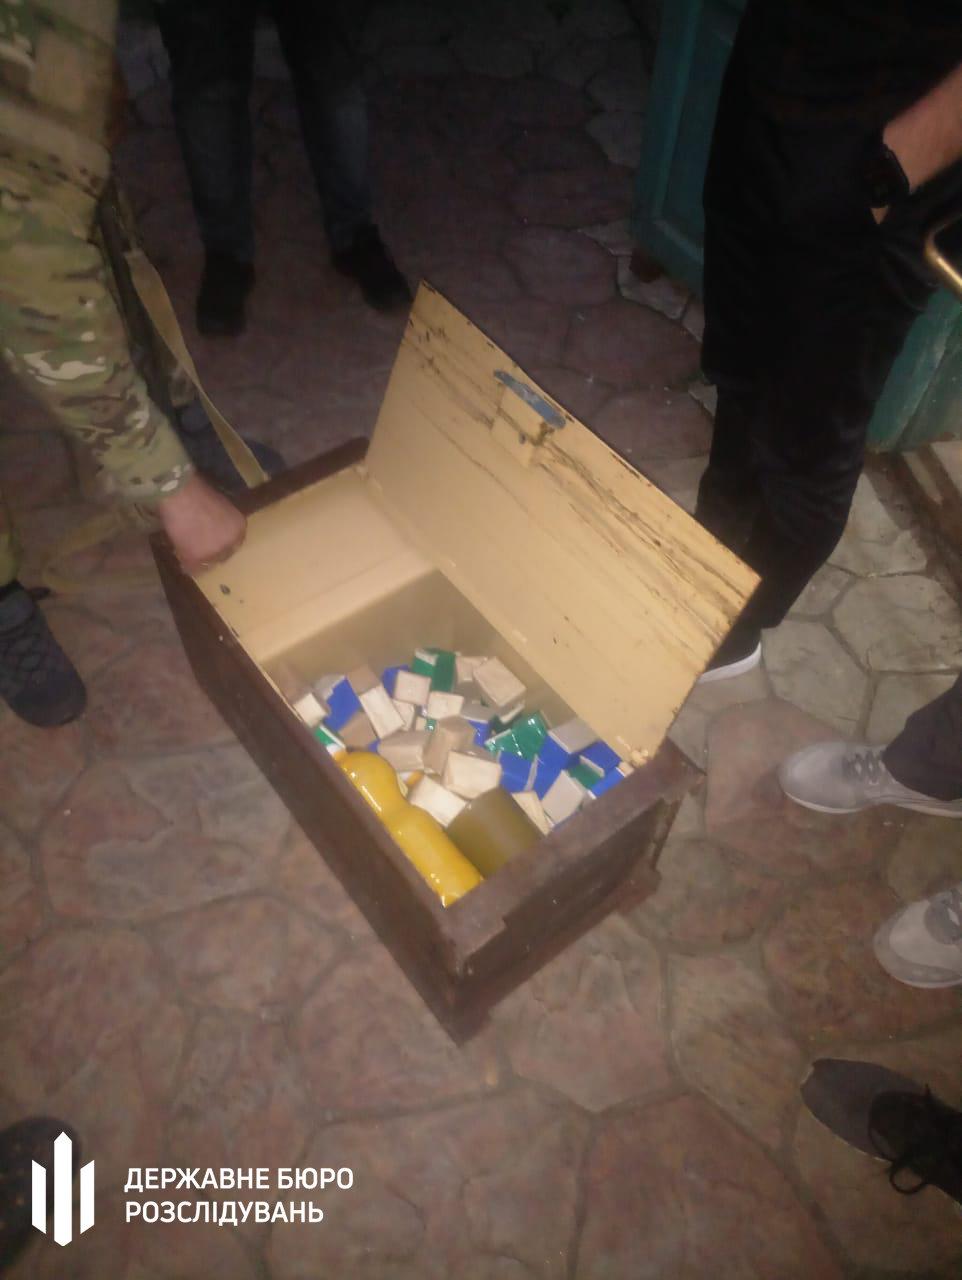 Продажа оружия и боеприпасов в Харькове: обвиняемого сотрудника СБУ будут судить, - ФОТО, фото-2